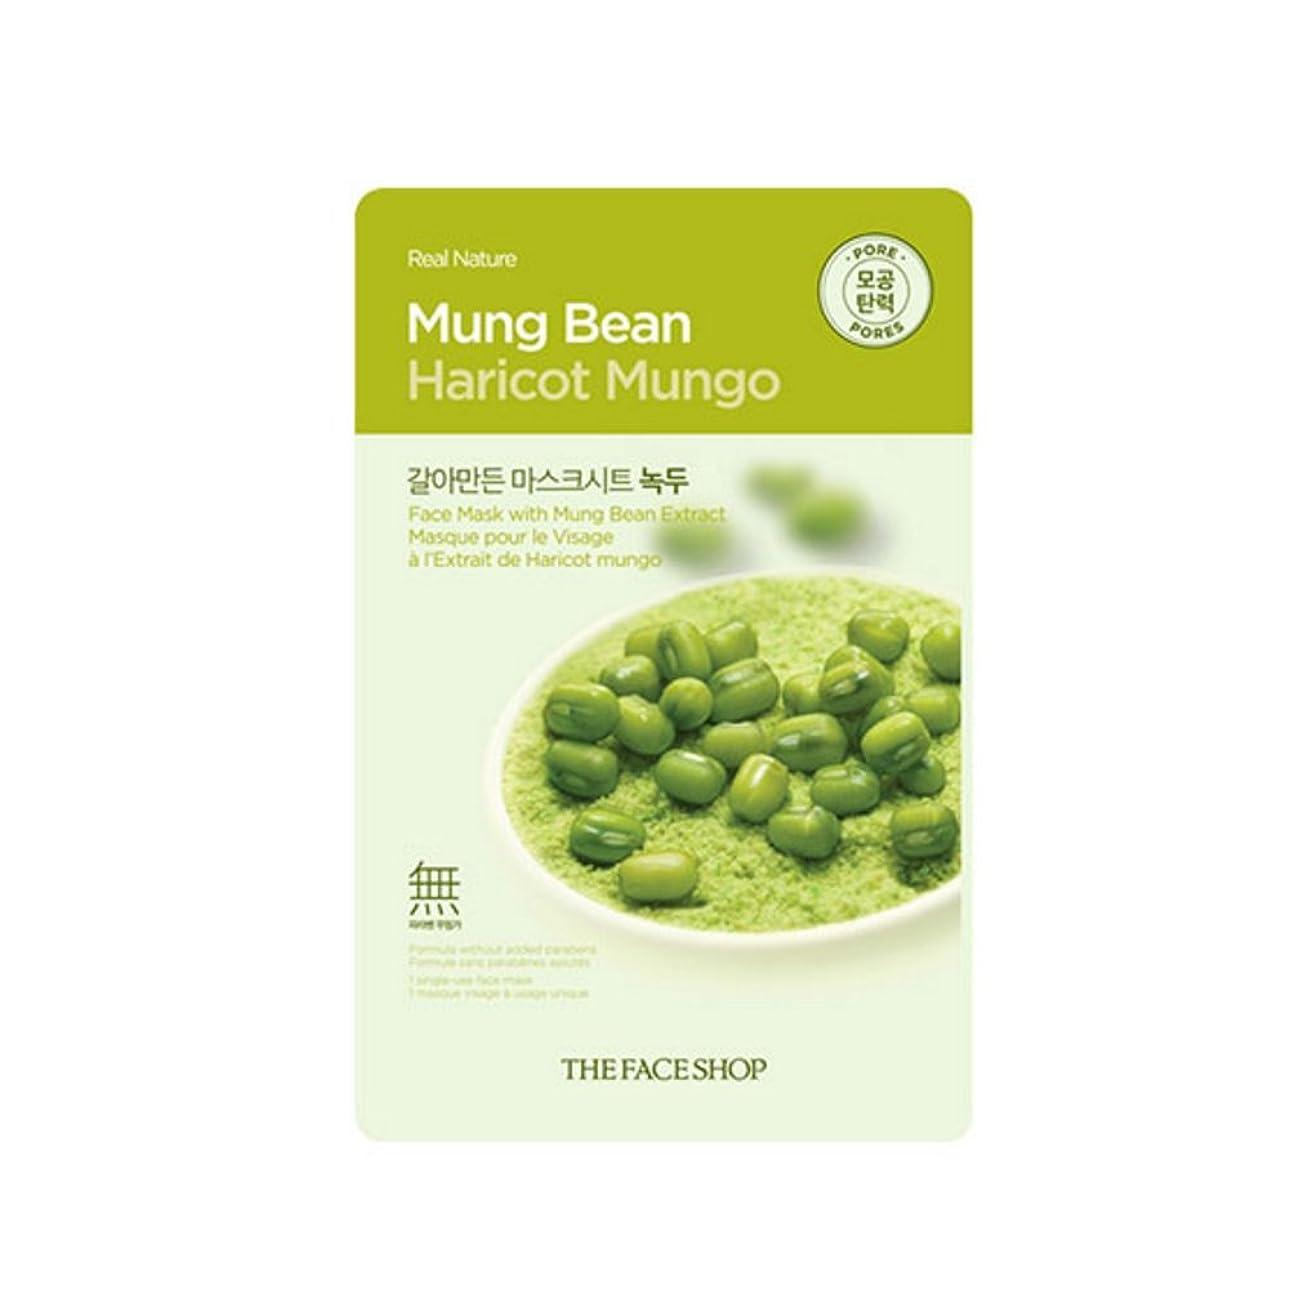 る無意識便利さ[The Face Shop] ザフェイスショップ リアルネイチャーマスクシート Real Nature Mask Sheet (Mung Bean (緑豆) 10個) [並行輸入品]